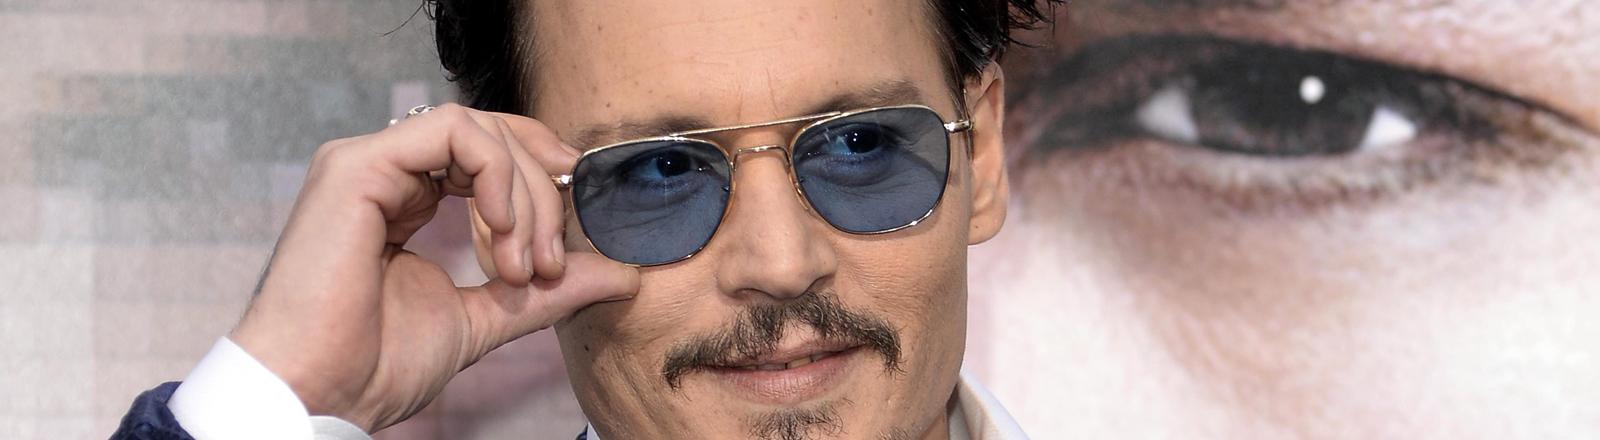 Johnny Depp bei der Premiere von Transcendence in Westwood, Kalifornien